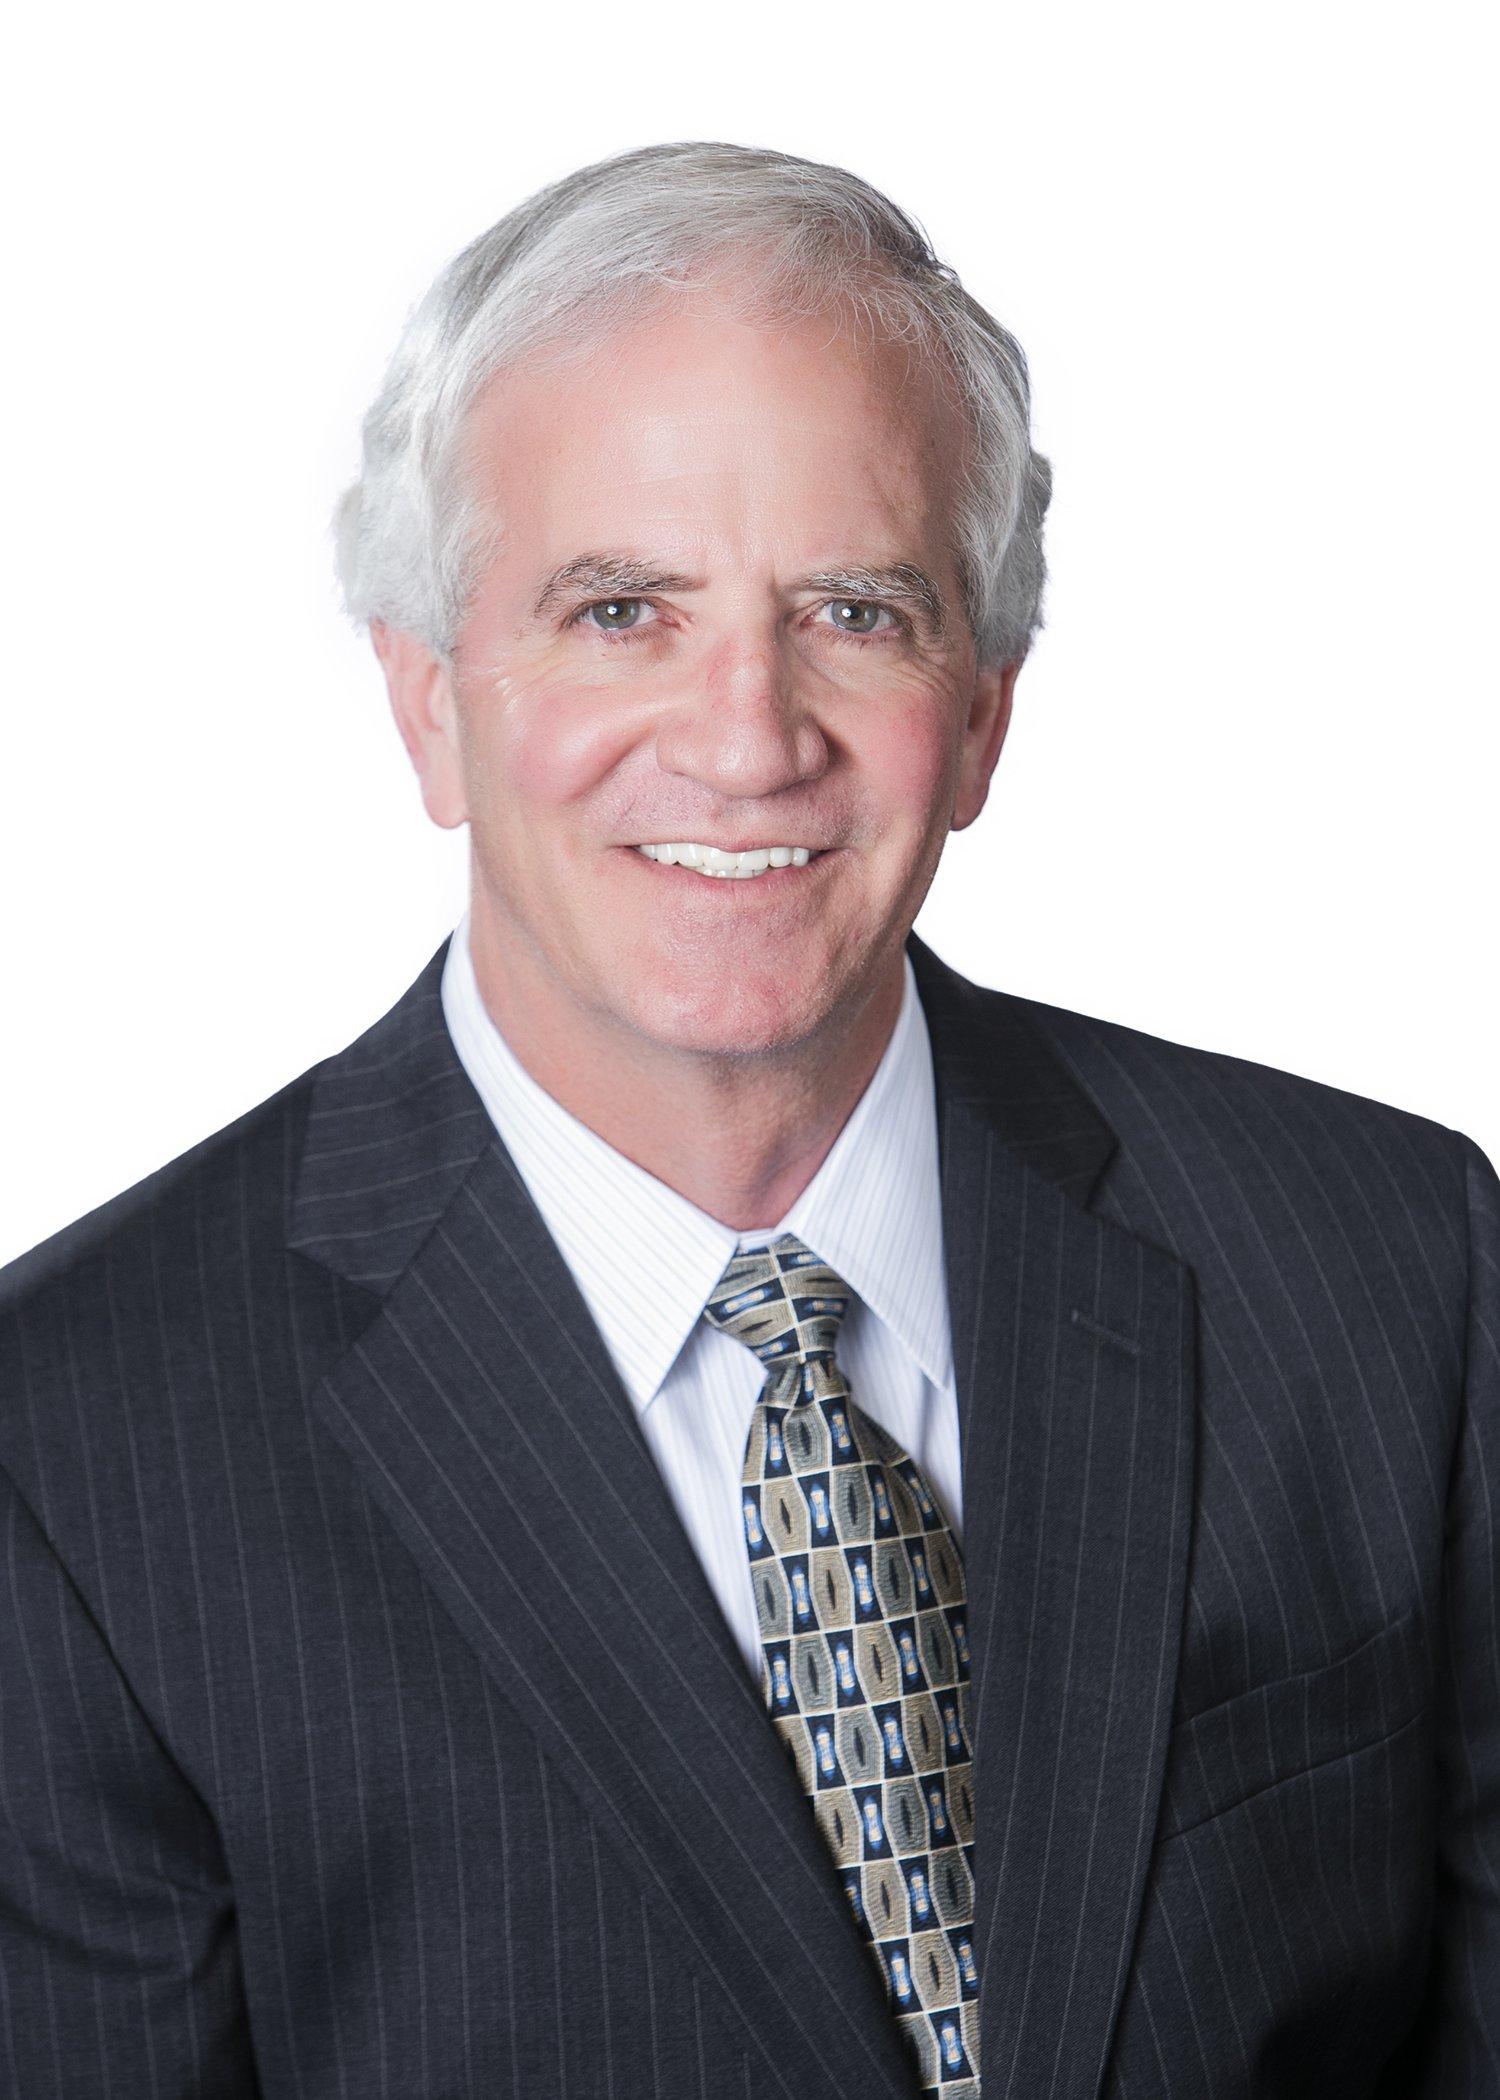 Michael S. Arceneaux, CPA